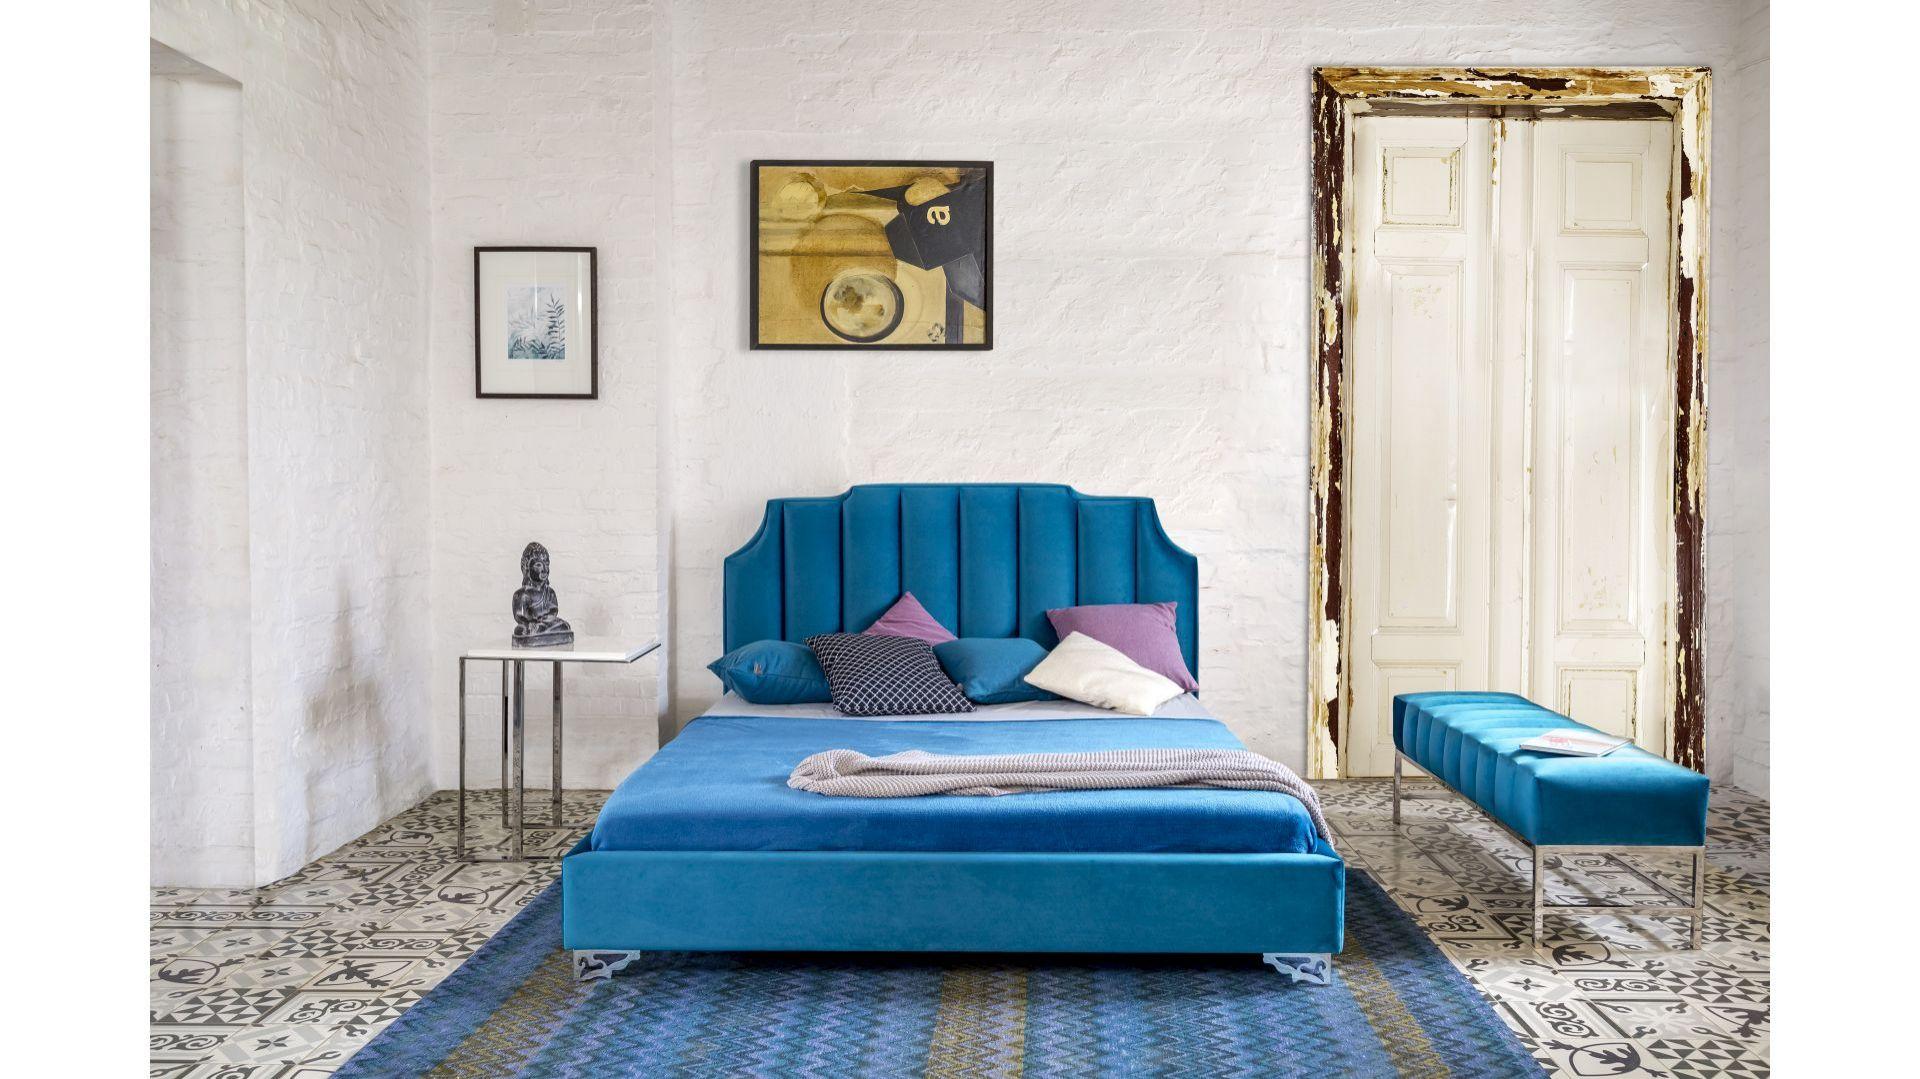 Łóżko Crown/Dormi Design. Produkt zgłoszony do konkursu Dobry Design 2020.